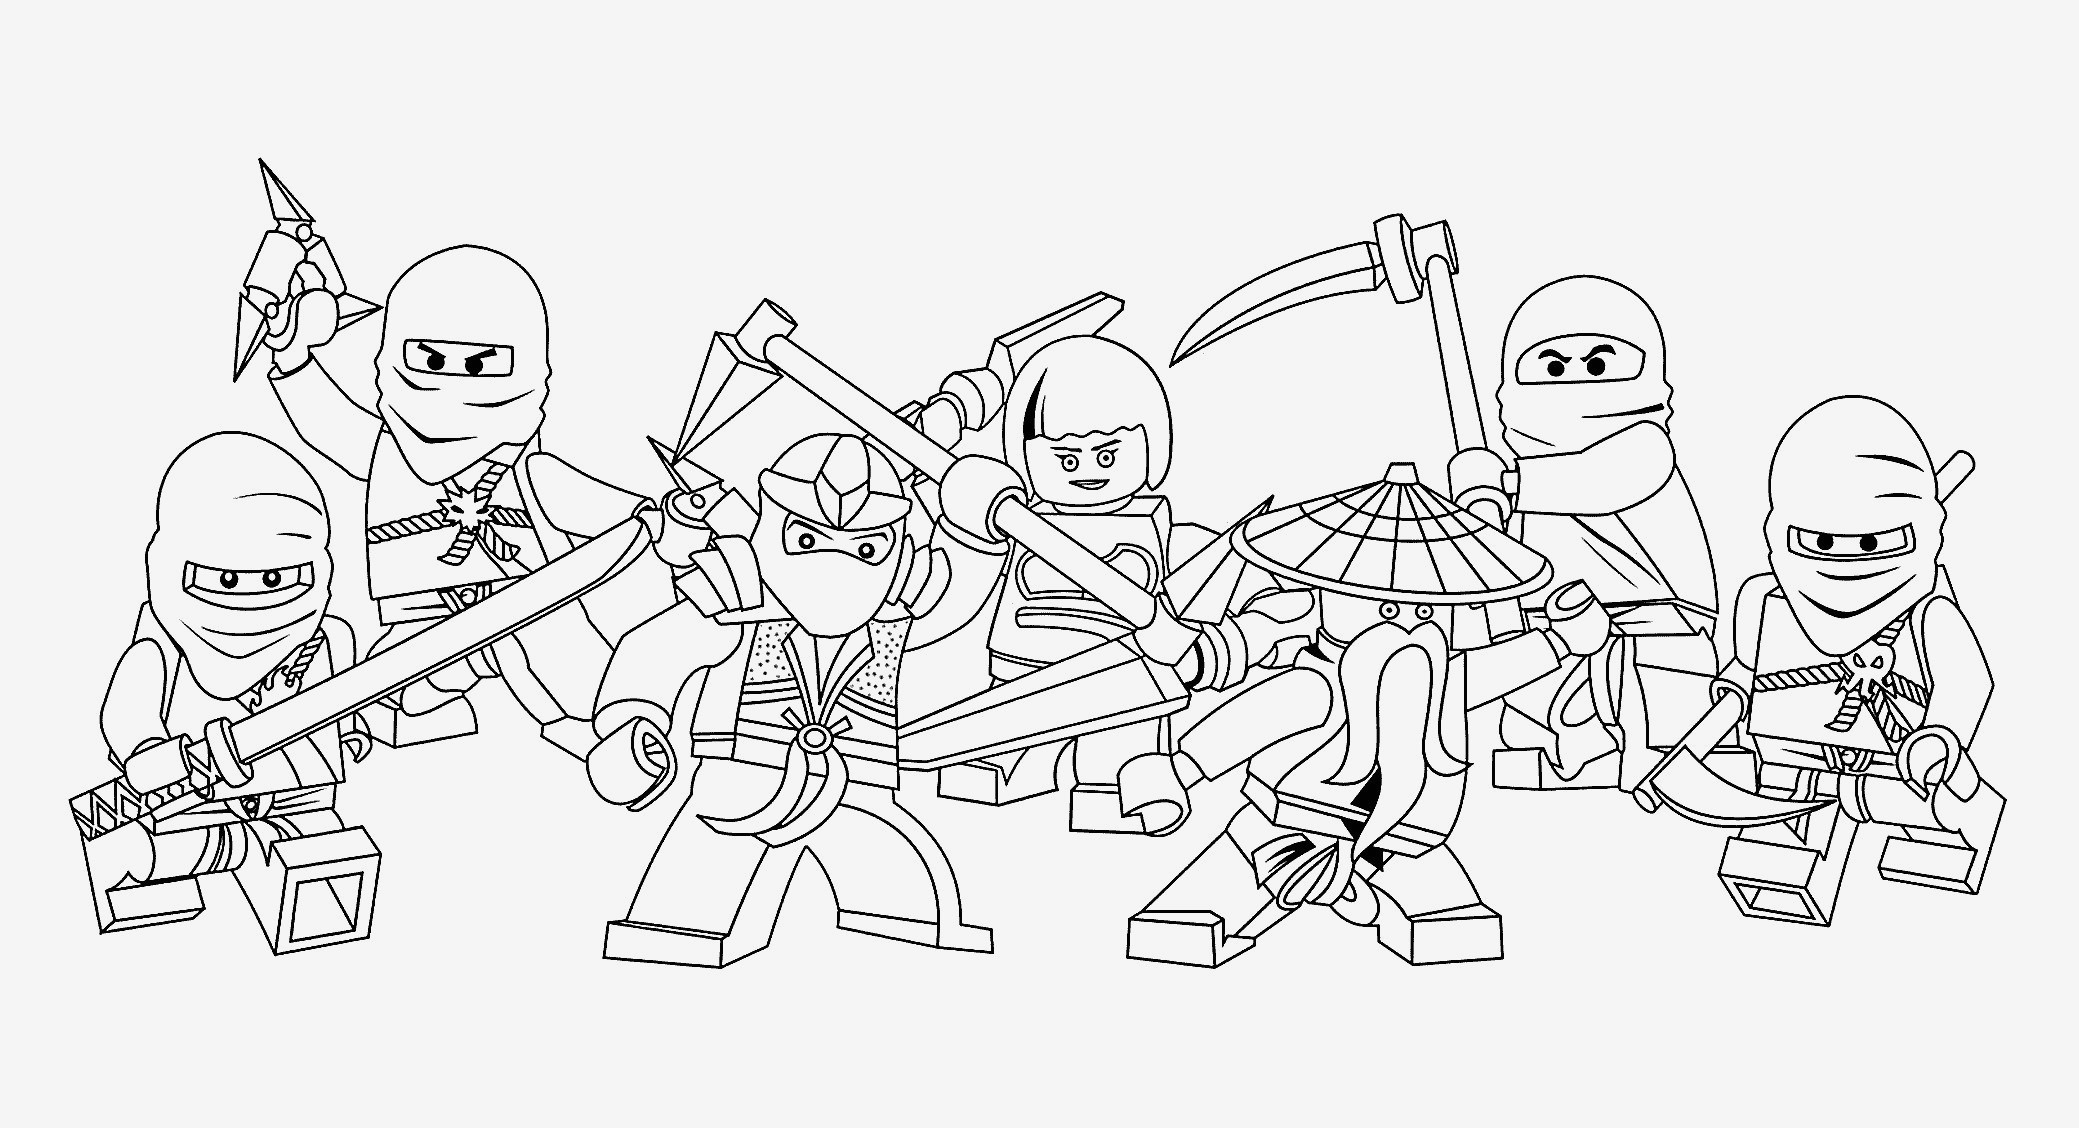 Ausmalbilder Von Ninjago Das Beste Von Ninjago Cole Ausmalbilder Inspirational Malvorlagen Igel Bilder